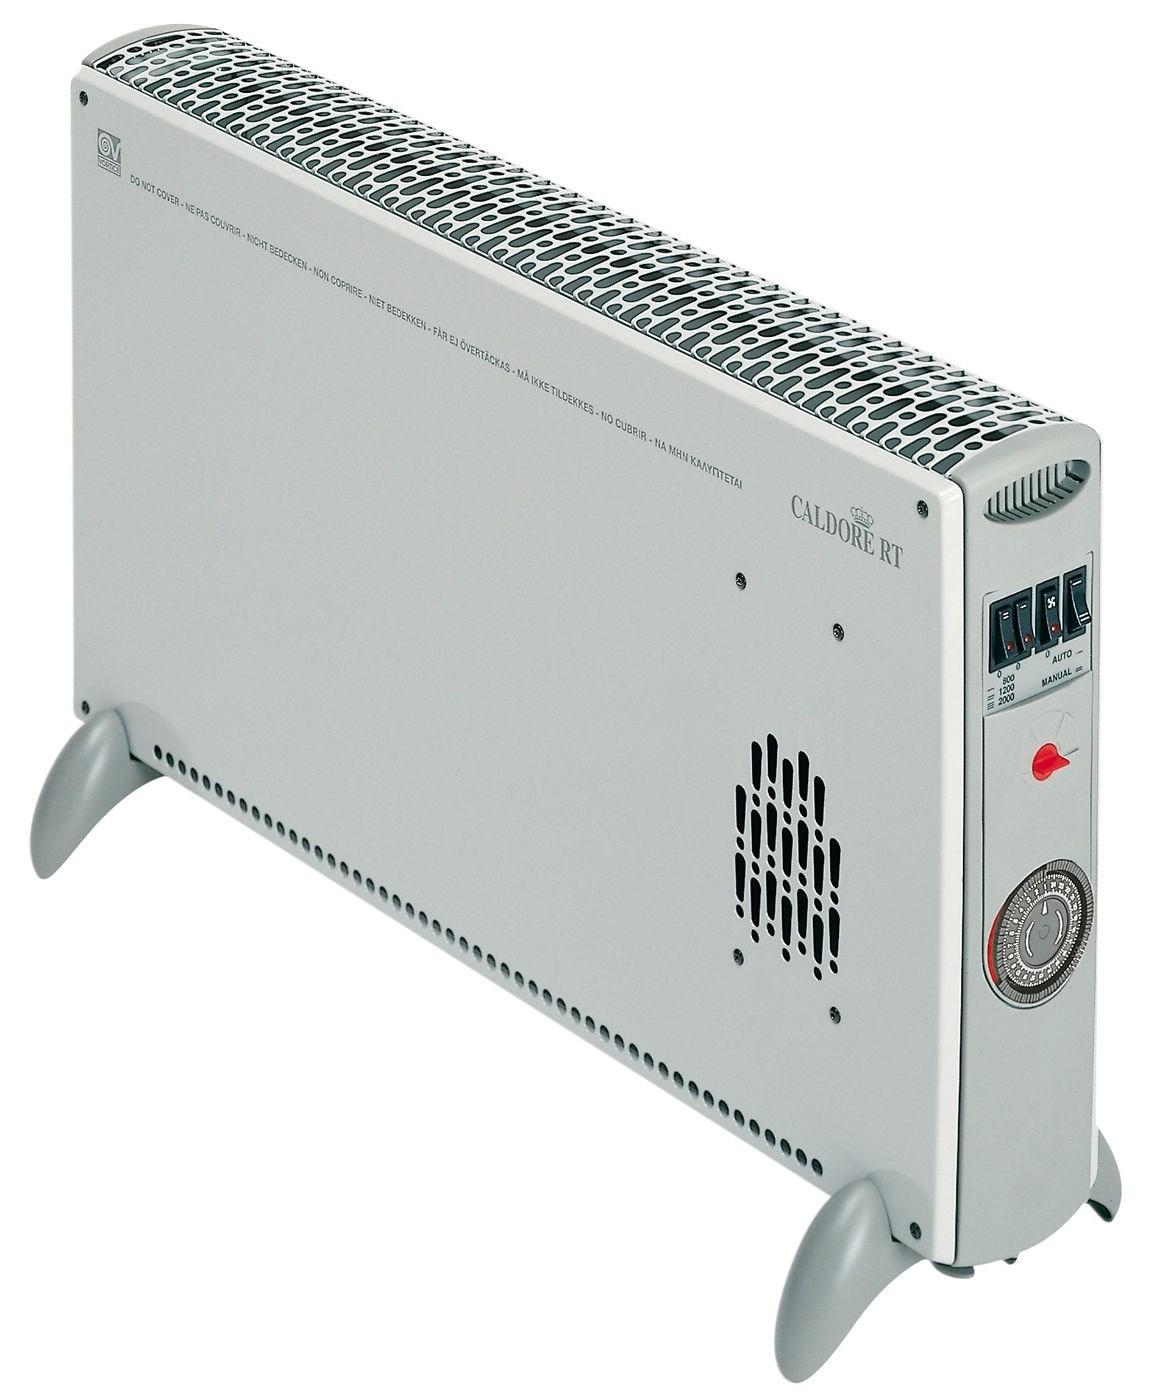 Radiateur Soufflant Consommation tout radiateur électrique caldore axelair ventilation